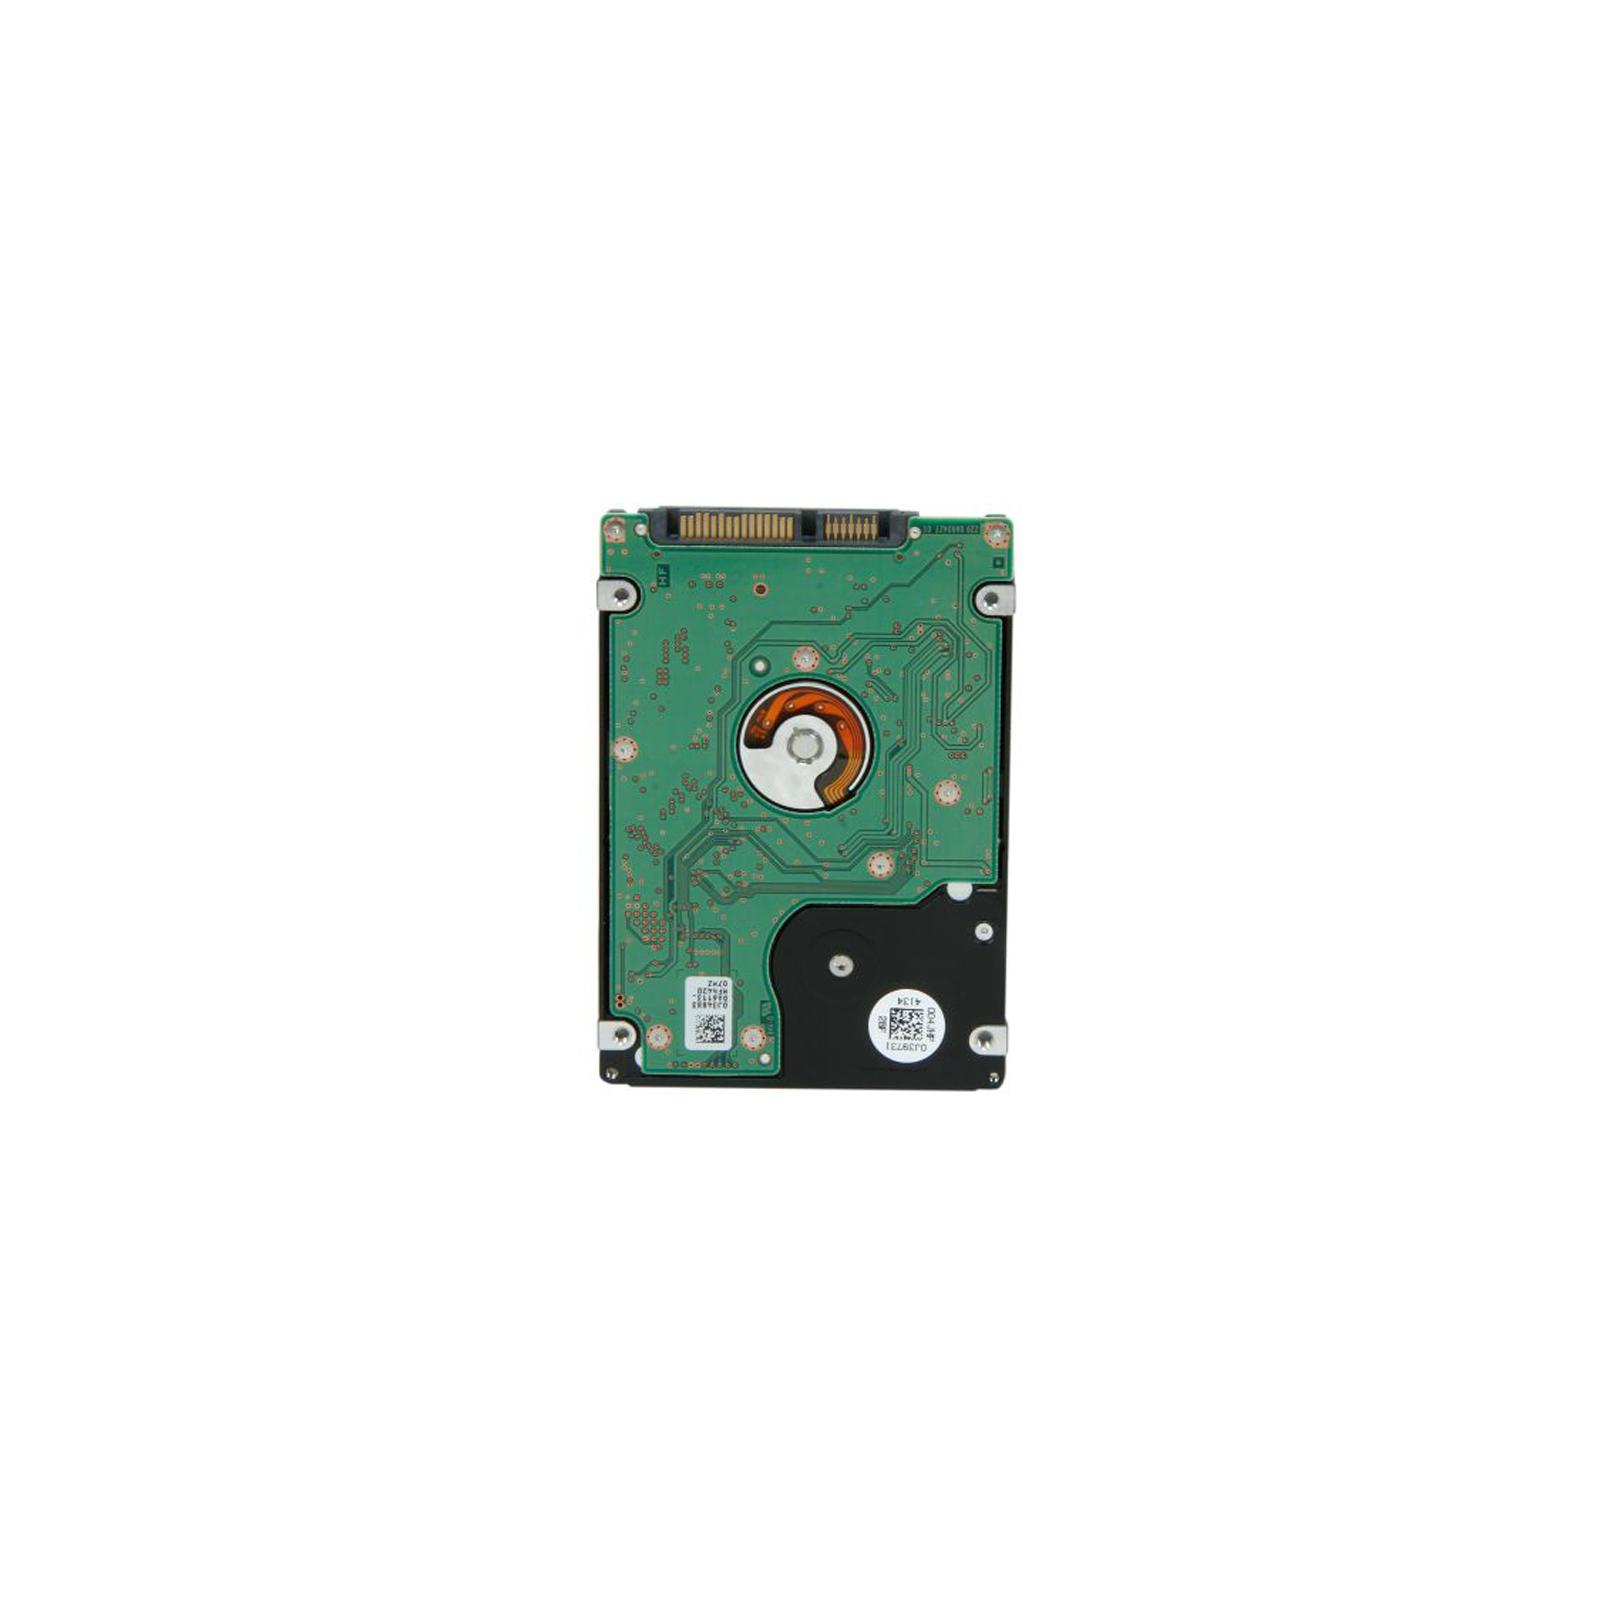 """Жесткий диск для ноутбука 2.5"""" 500GB Hitachi HGST (0J38065 / HTS545050A7E680) изображение 2"""